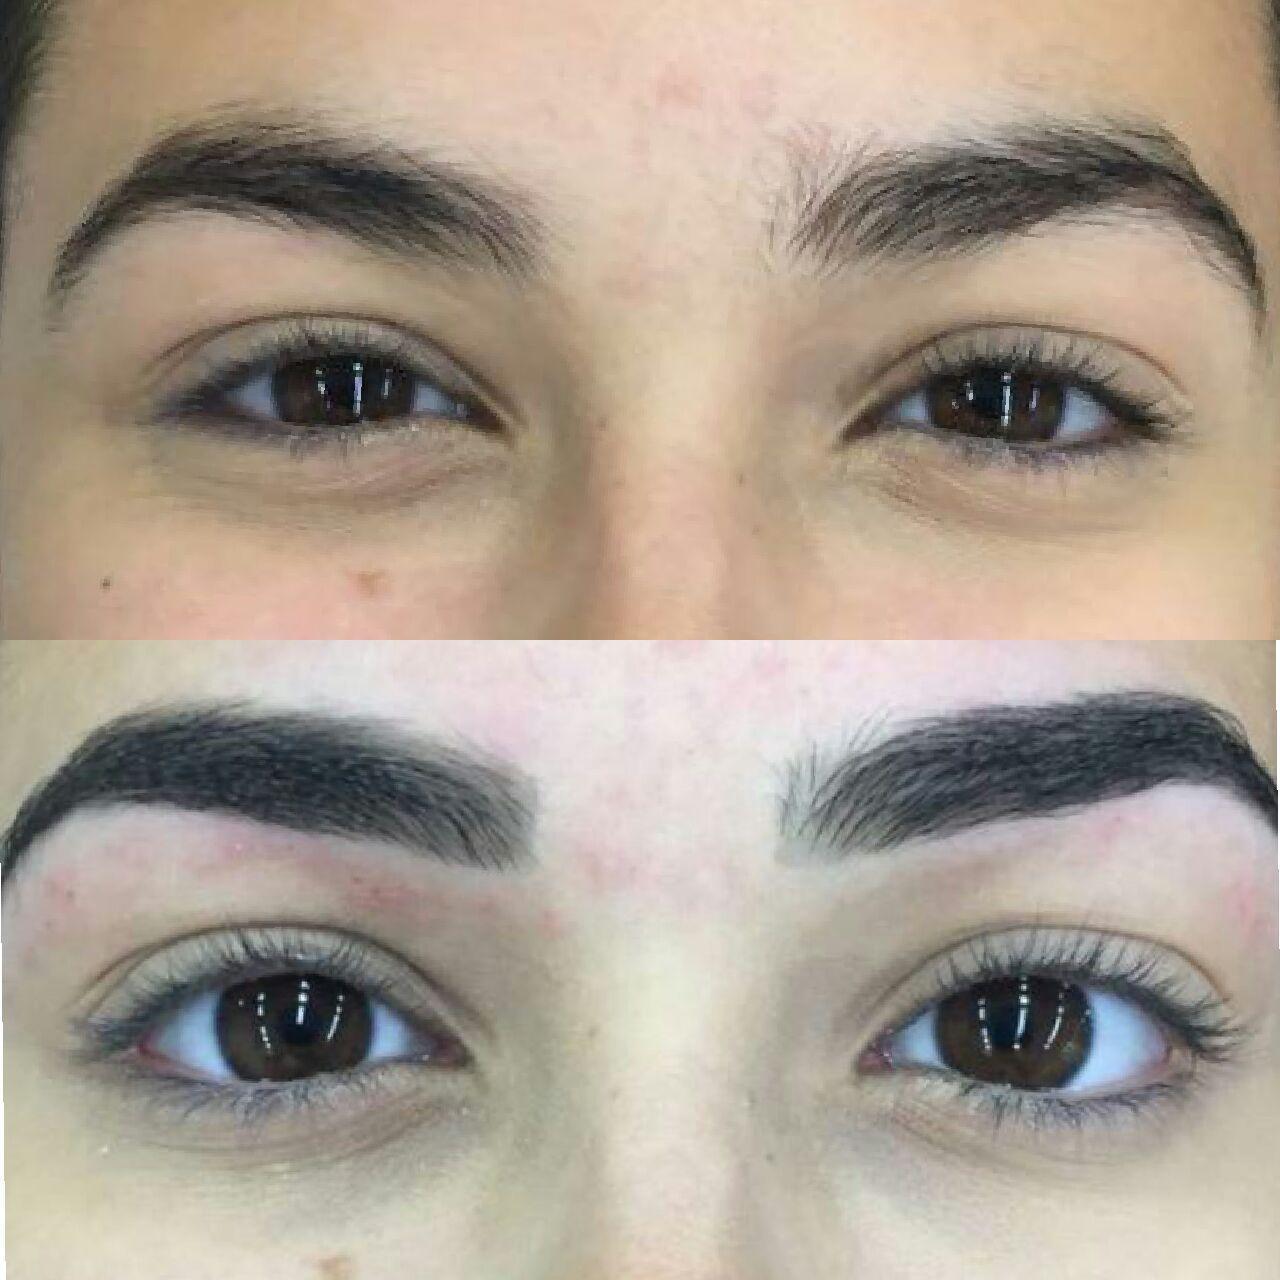 Designer de sobrancelhas e aplicação de pigmento  estética designer de sobrancelhas